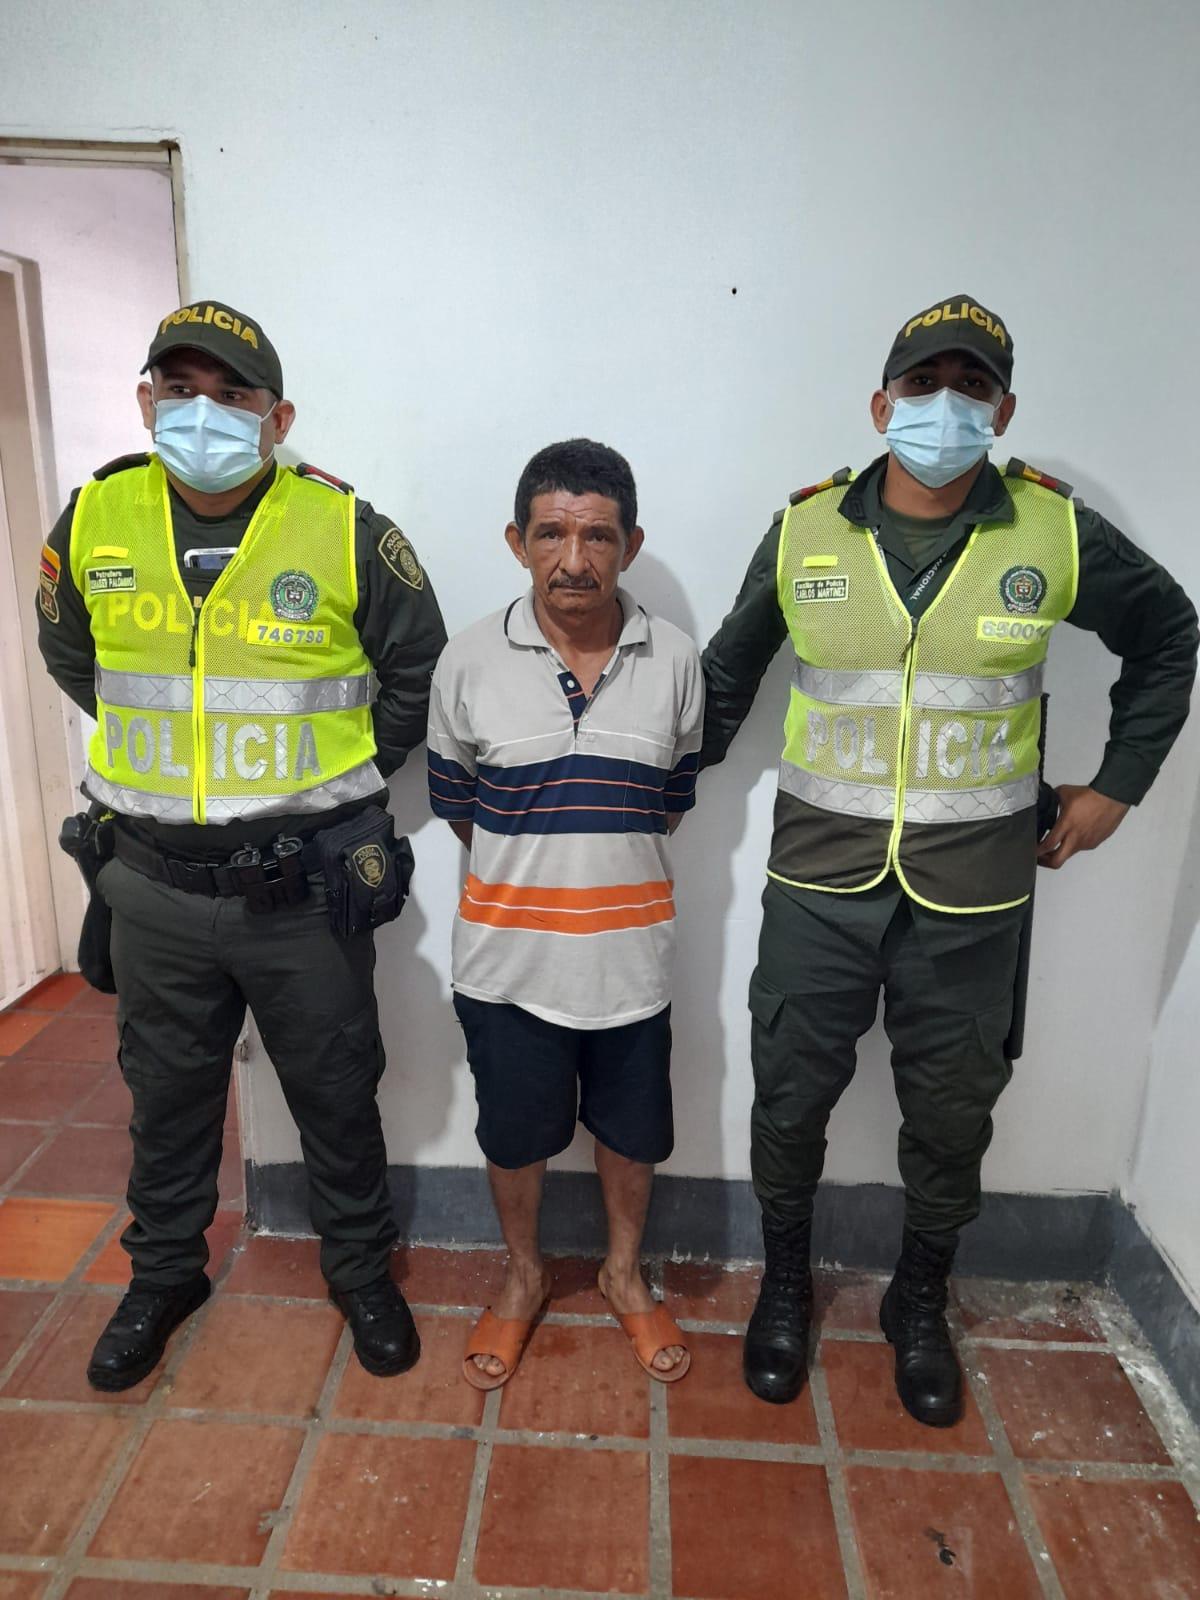 https://www.notasrosas.comPor Homicidio, Policía Cesar captura un ciudadano en Valledupar